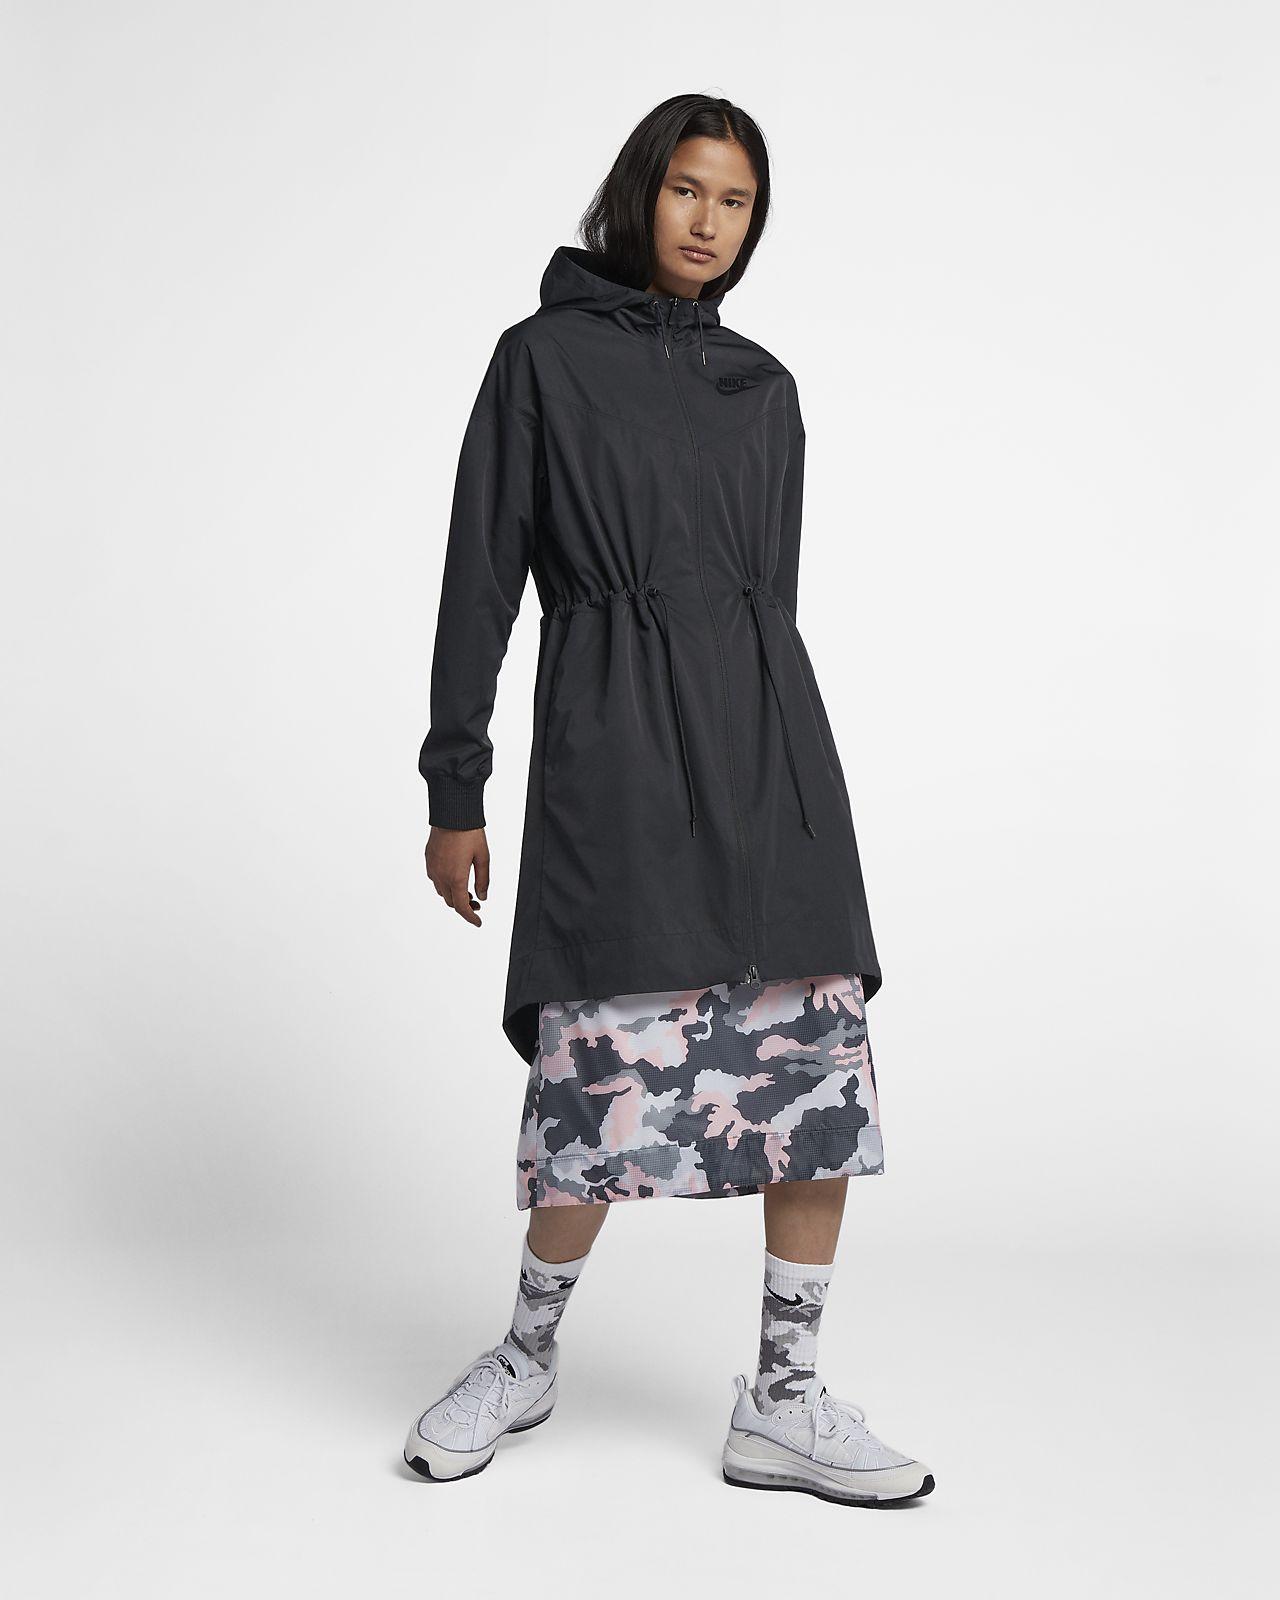 5f7045f966e4 Nike Sportswear Shield Windrunner Women s Jacket. Nike.com CA